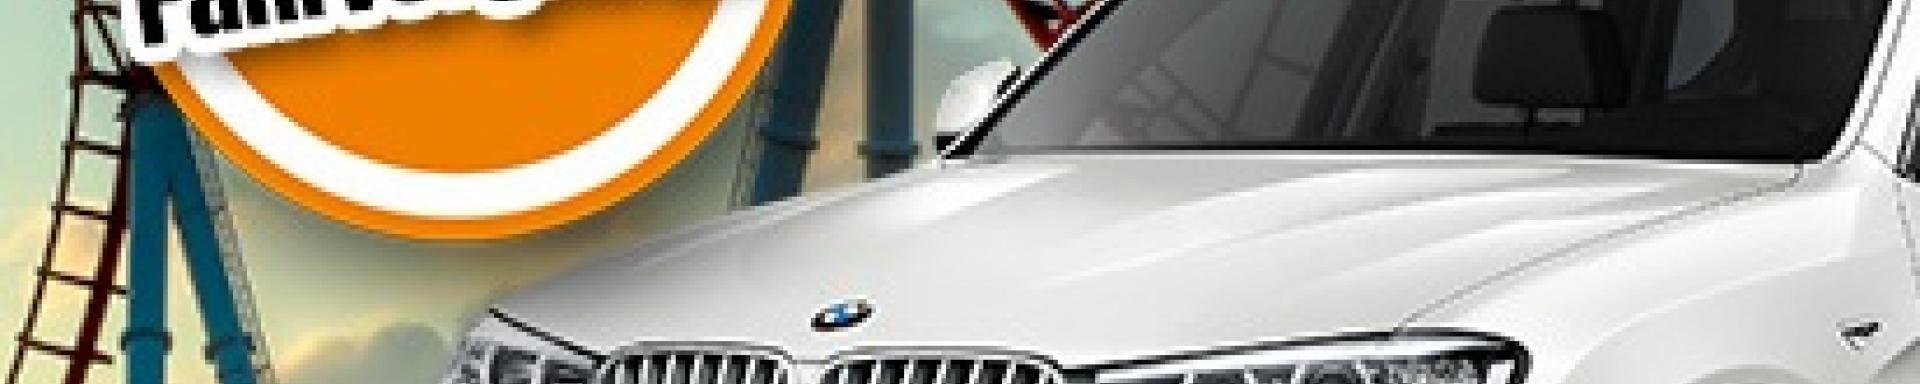 Exklusiv: Ihr Sixt Mietwagen in Orlando zum Discountpreis